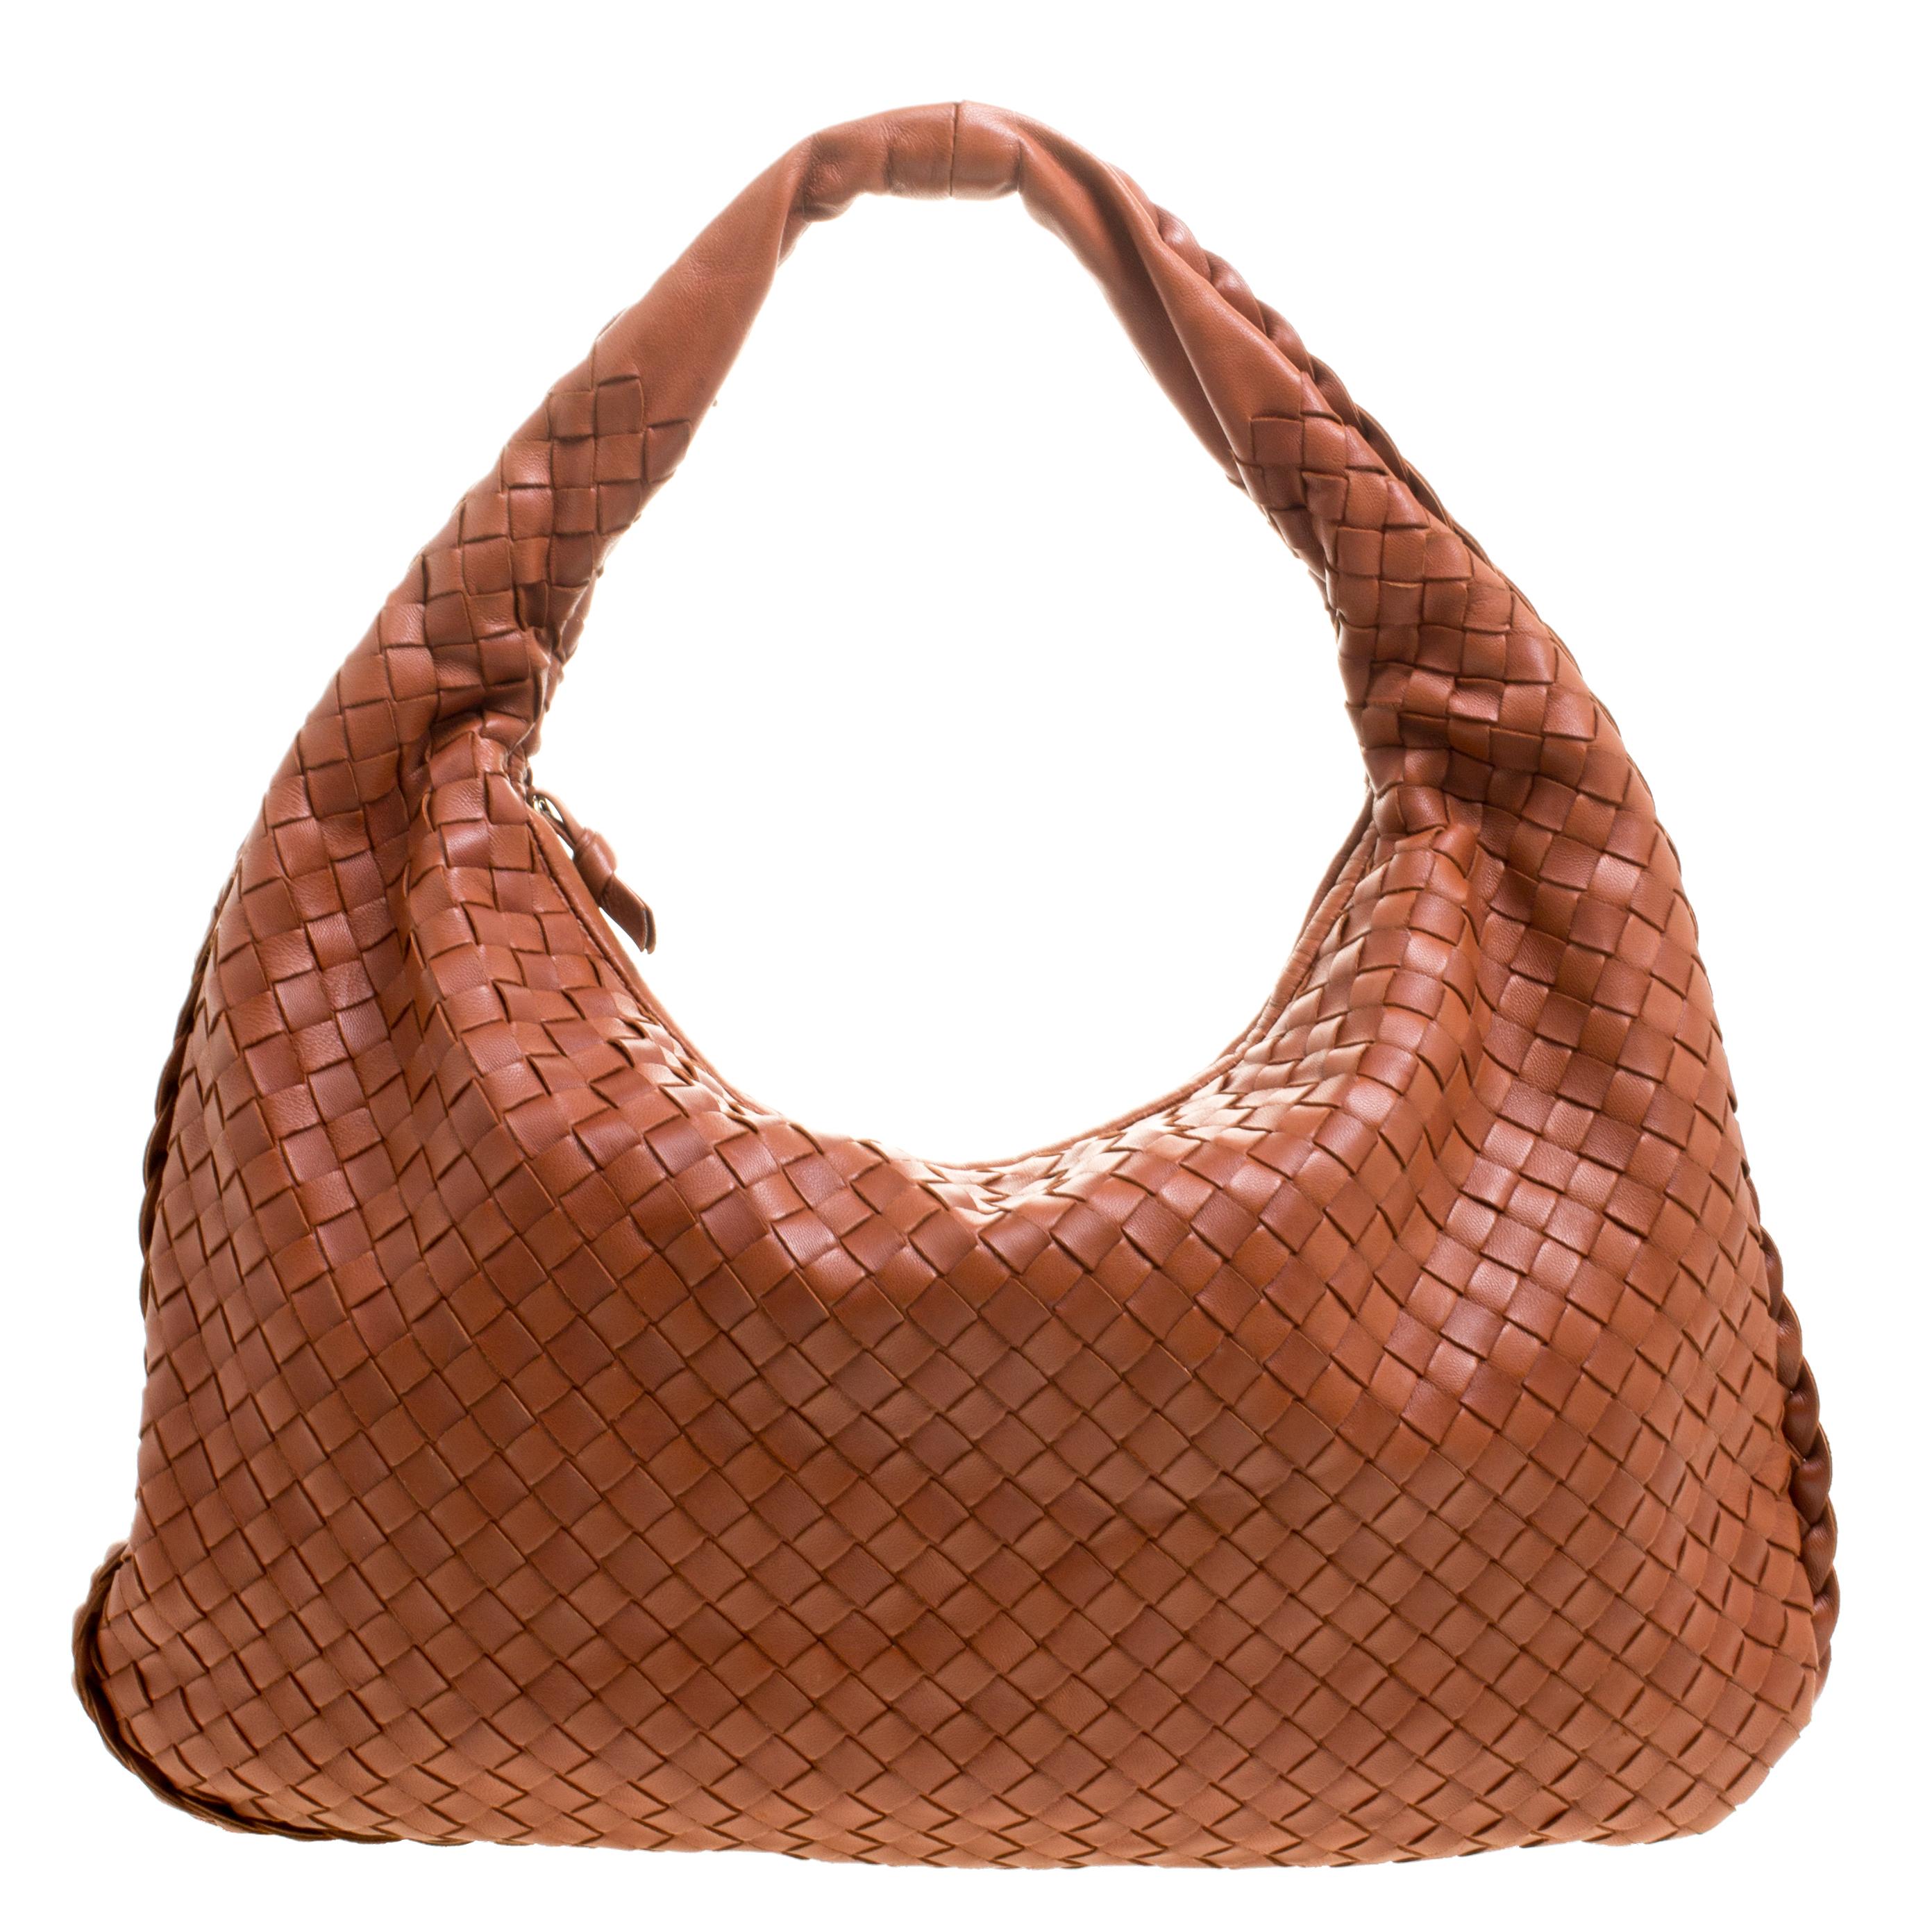 84d2e315f5 Buy Bottega Veneta Copper Intrecciato Leather Small Hobo 110929 at ...